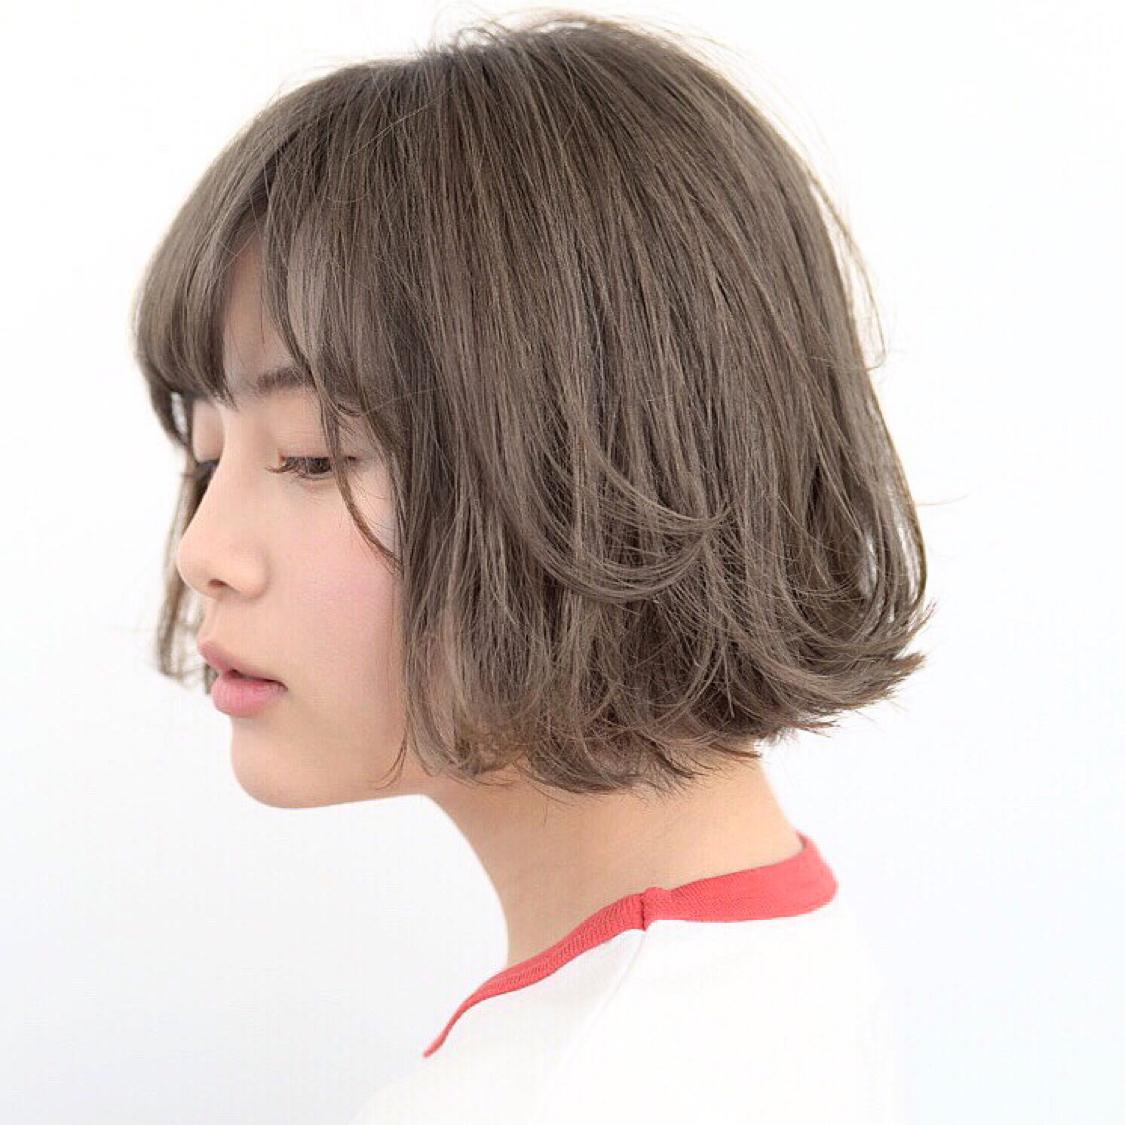 内にも外にもラフな動きがかわいい。 グレージュボブ。  #前髪 #グレージュ #透明感 #アッシュ #ナチュラル #カジュアル #ストリート #ガーリー #キュート #オフィス #丸顔 #シースルーバング #カラー上手い #ゼロアルカリストレート #髪質改善 #ストレートパーマ #アッシュ  #アディクシーカラー  #イルミナカラー  #ショート  #ショートボブ  #ボブ